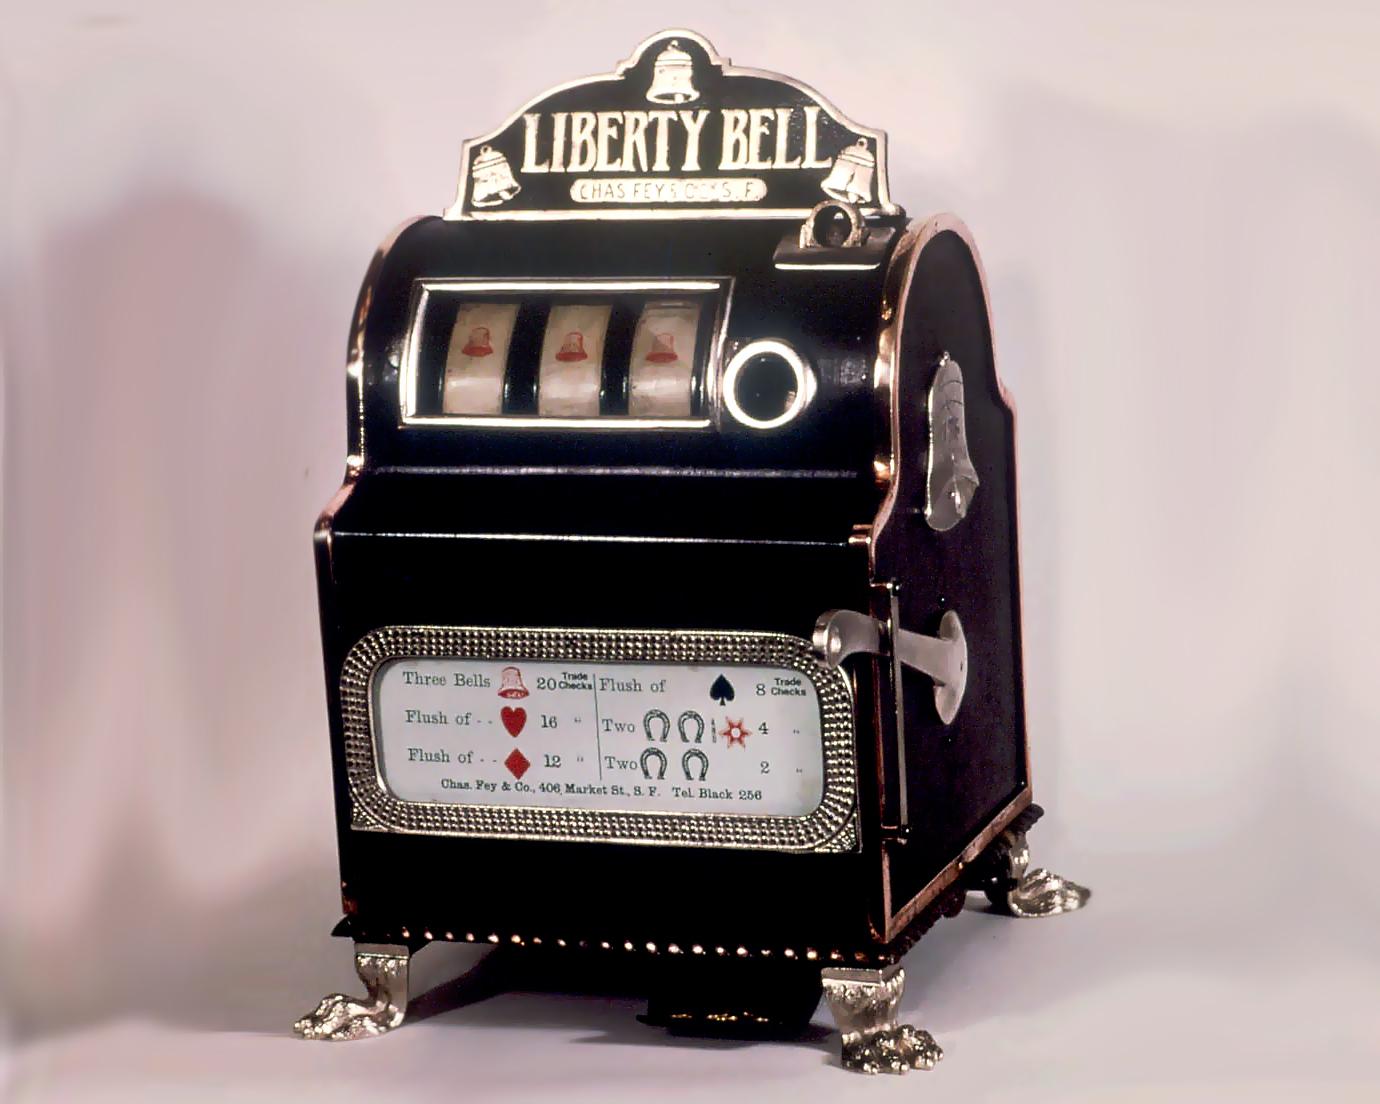 зависимость первые механические игровые автоматы назывались колокол свободы появились еще